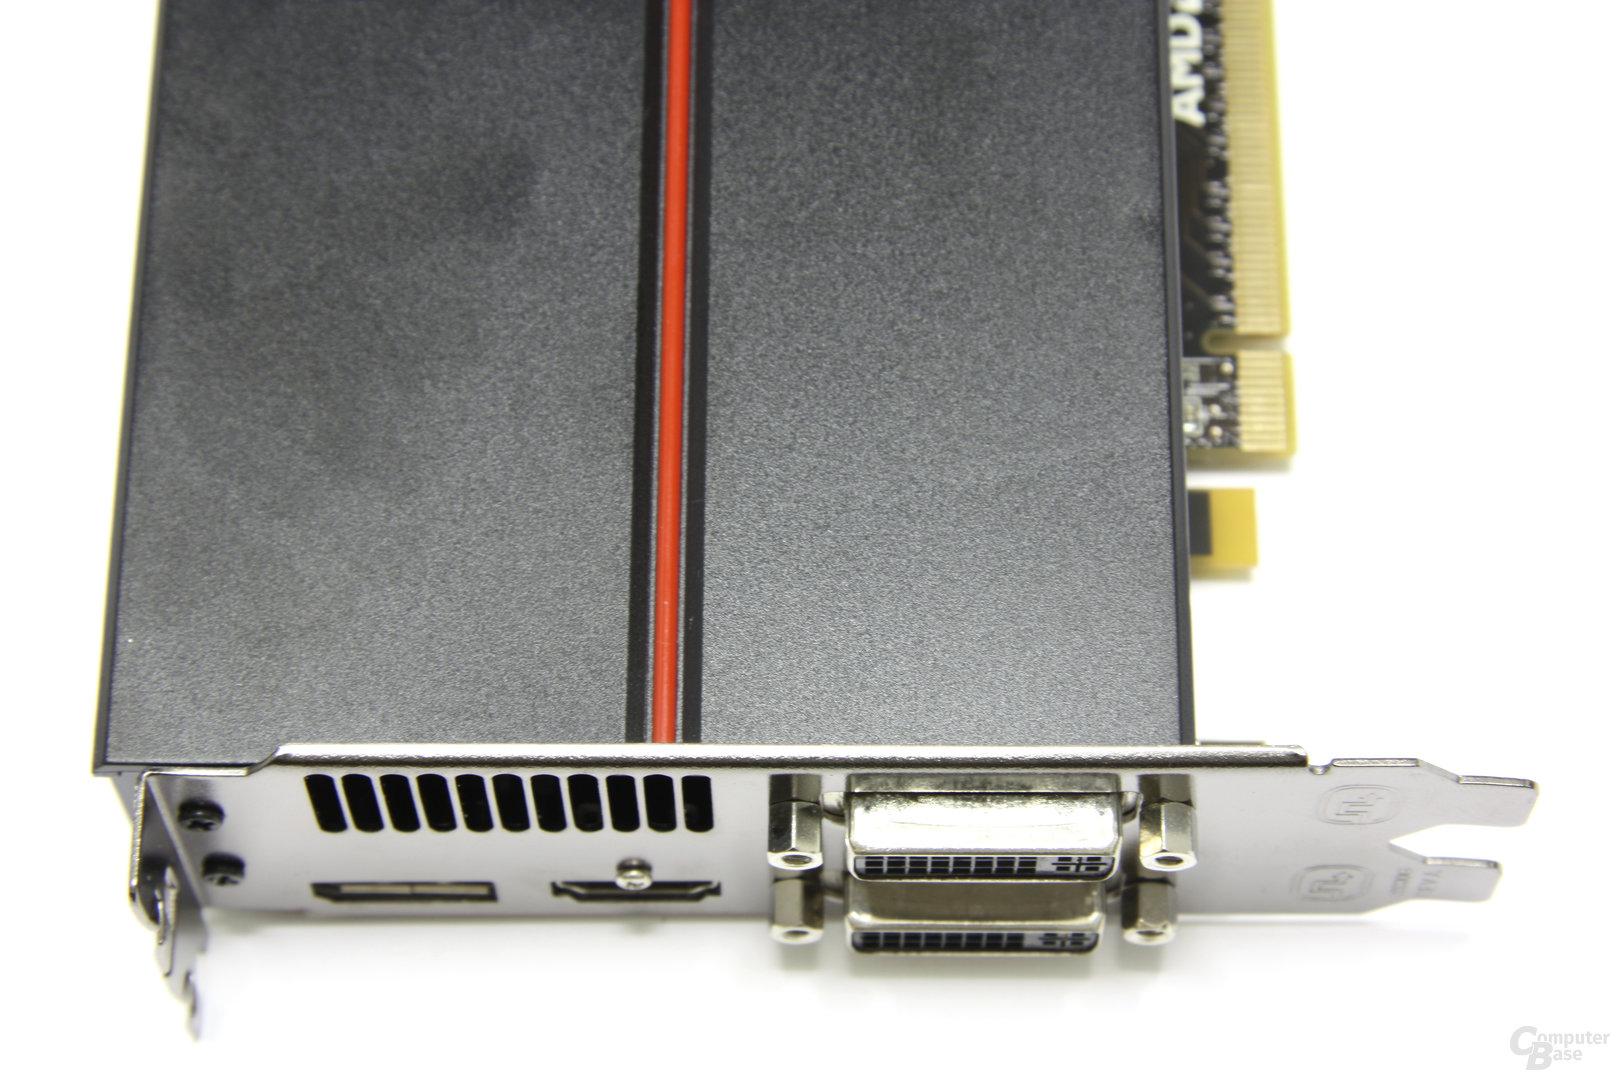 Radeon HD 5850 Anschlüsse